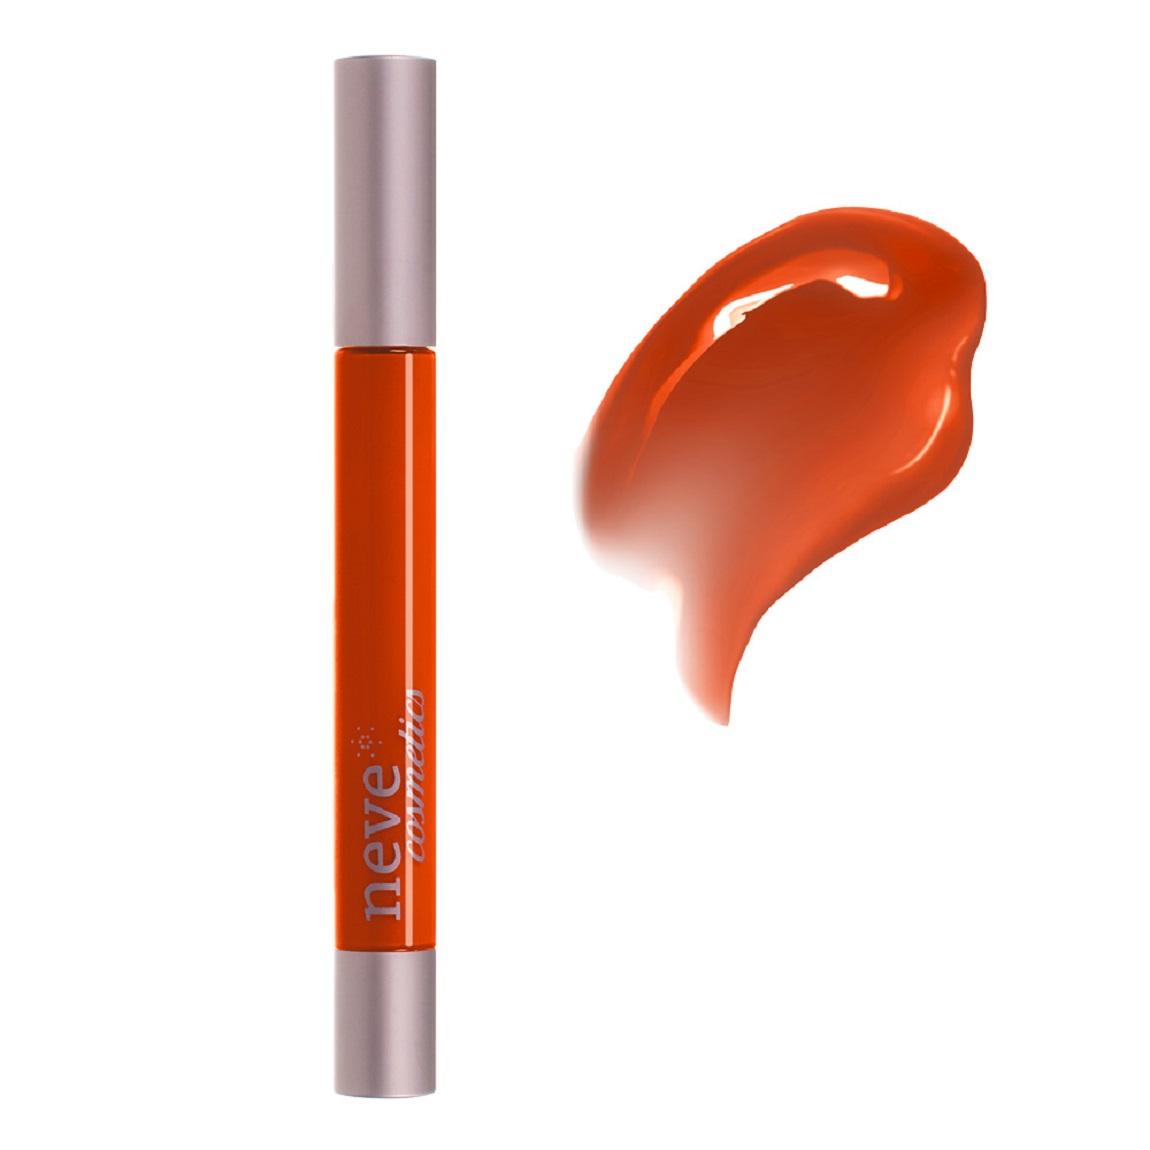 Labbra fuori dagli schemi con il gloss arancione Cha - u- kao!